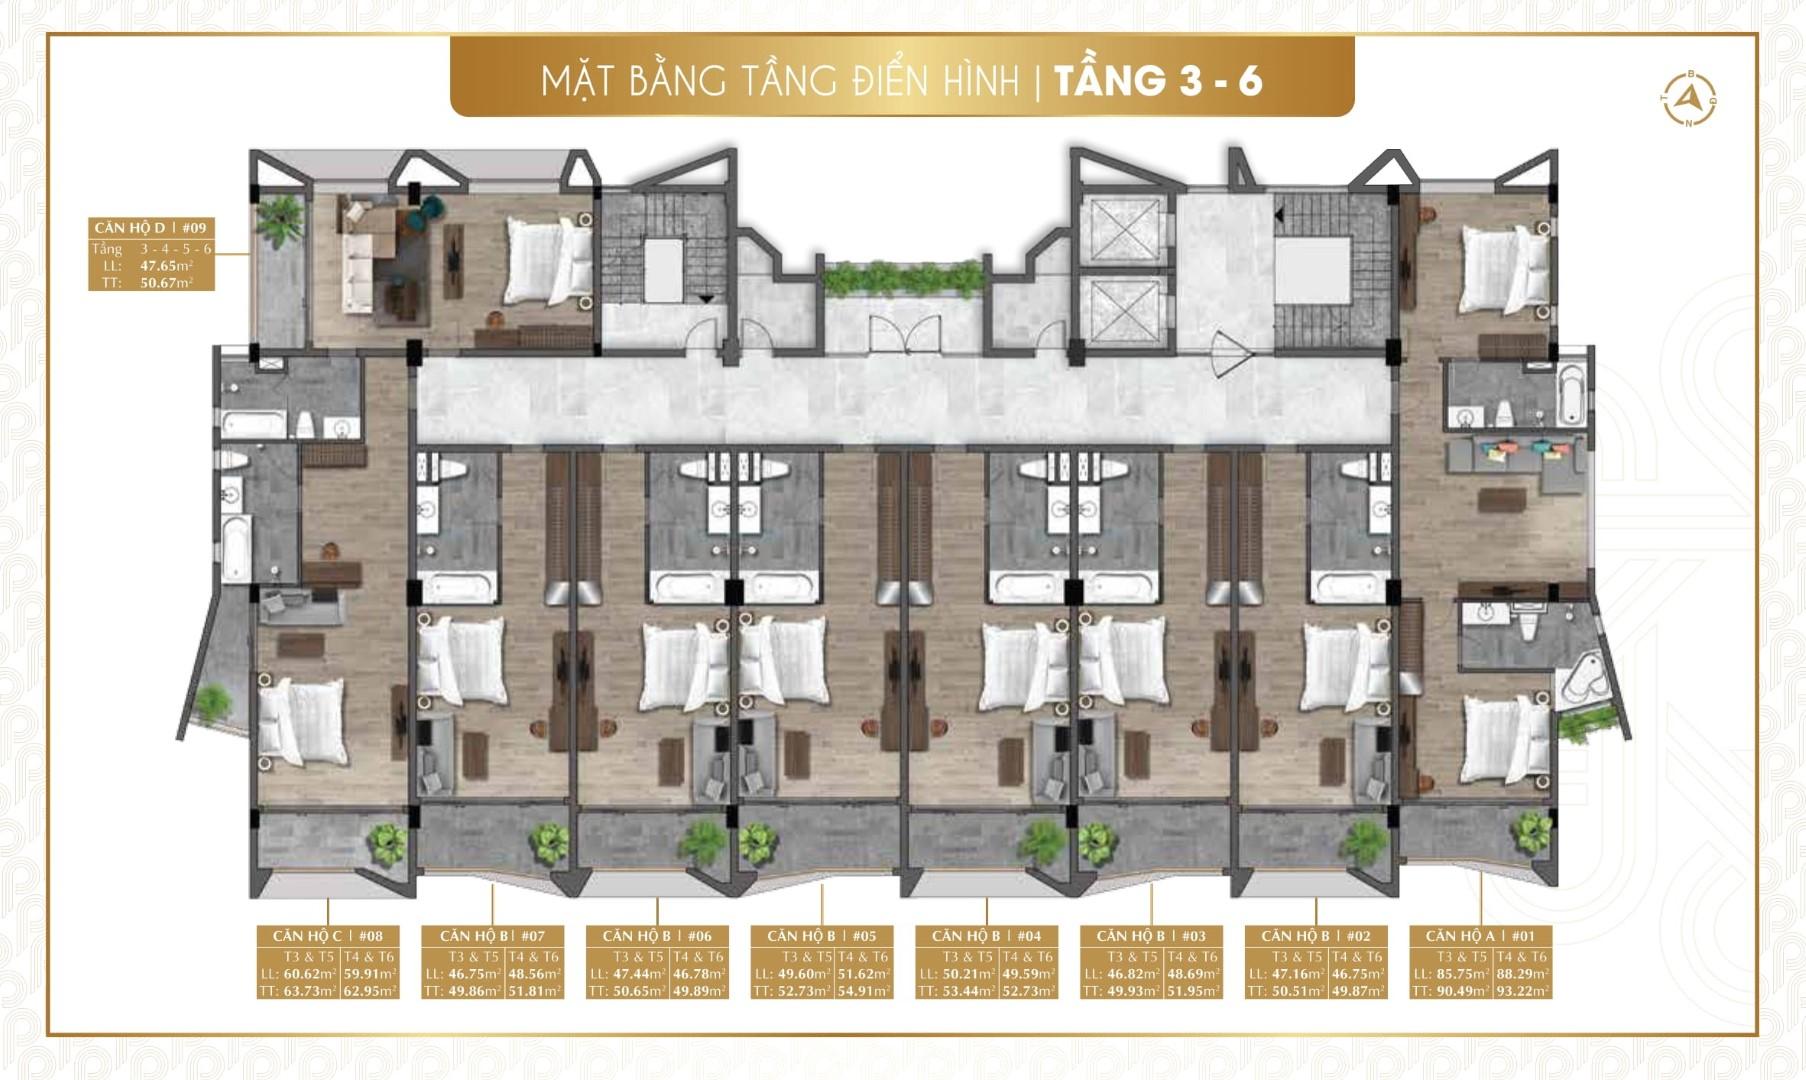 Dự Án Parami Hồ Tràm: Tầng 3 - Tầng 6